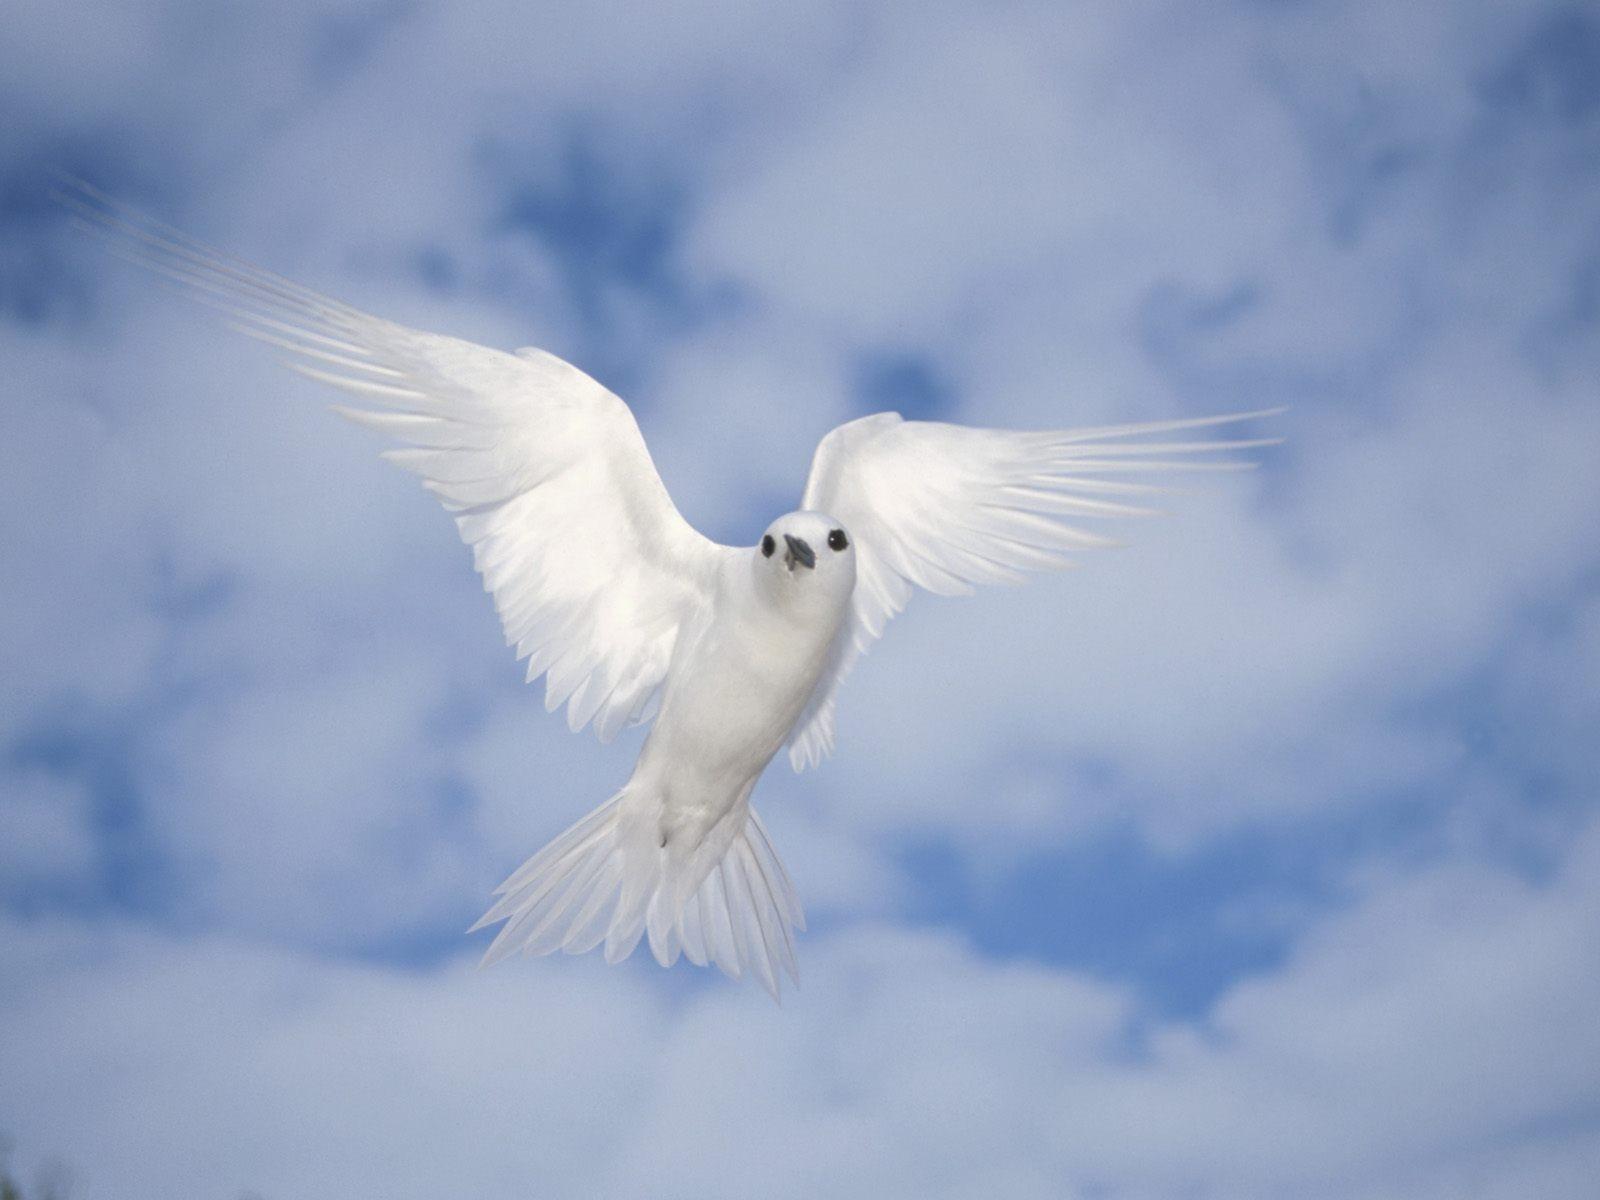 http://1.bp.blogspot.com/_Mxu5JDXAxQA/S_3Ssk1HkvI/AAAAAAAACU0/-FYRwLOwsrY/s1600/white_bird_desktop_wallpaper_63273.jpg